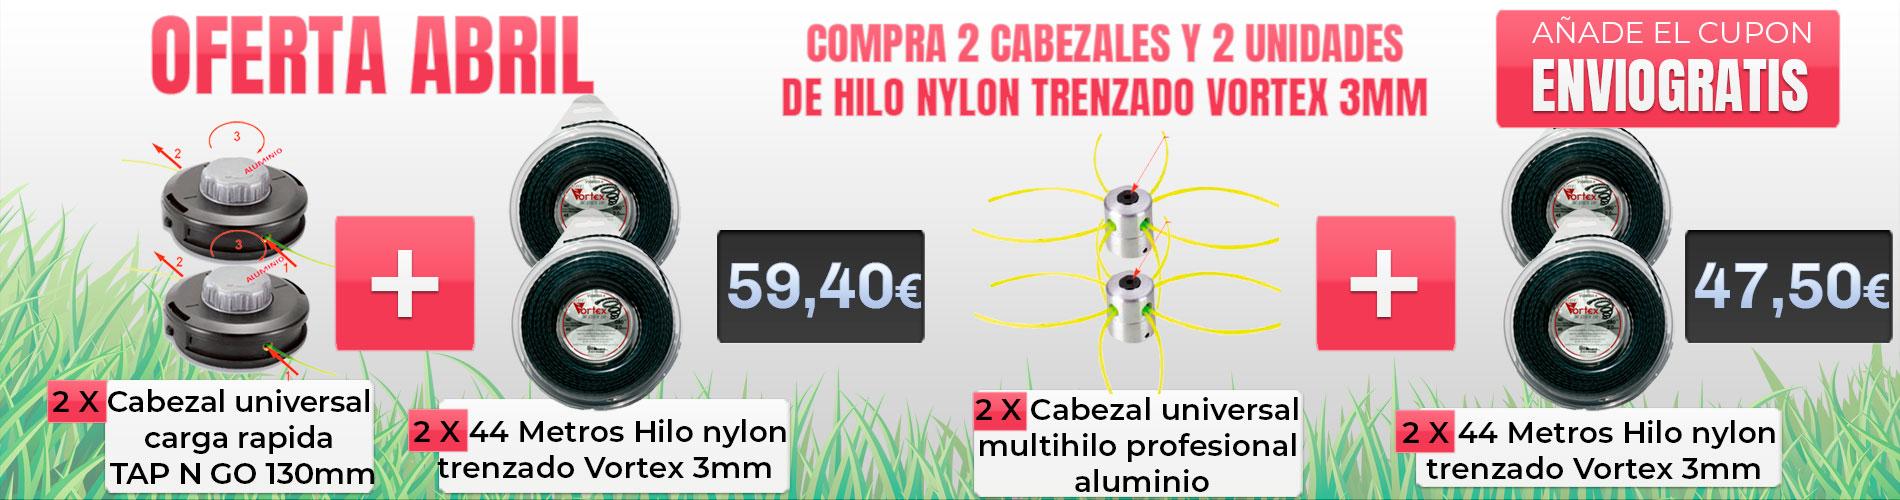 Compra 2 cabezales y 2 unidades de 44metros hilo nylon trenzado vortex 3mm (envió gratis)